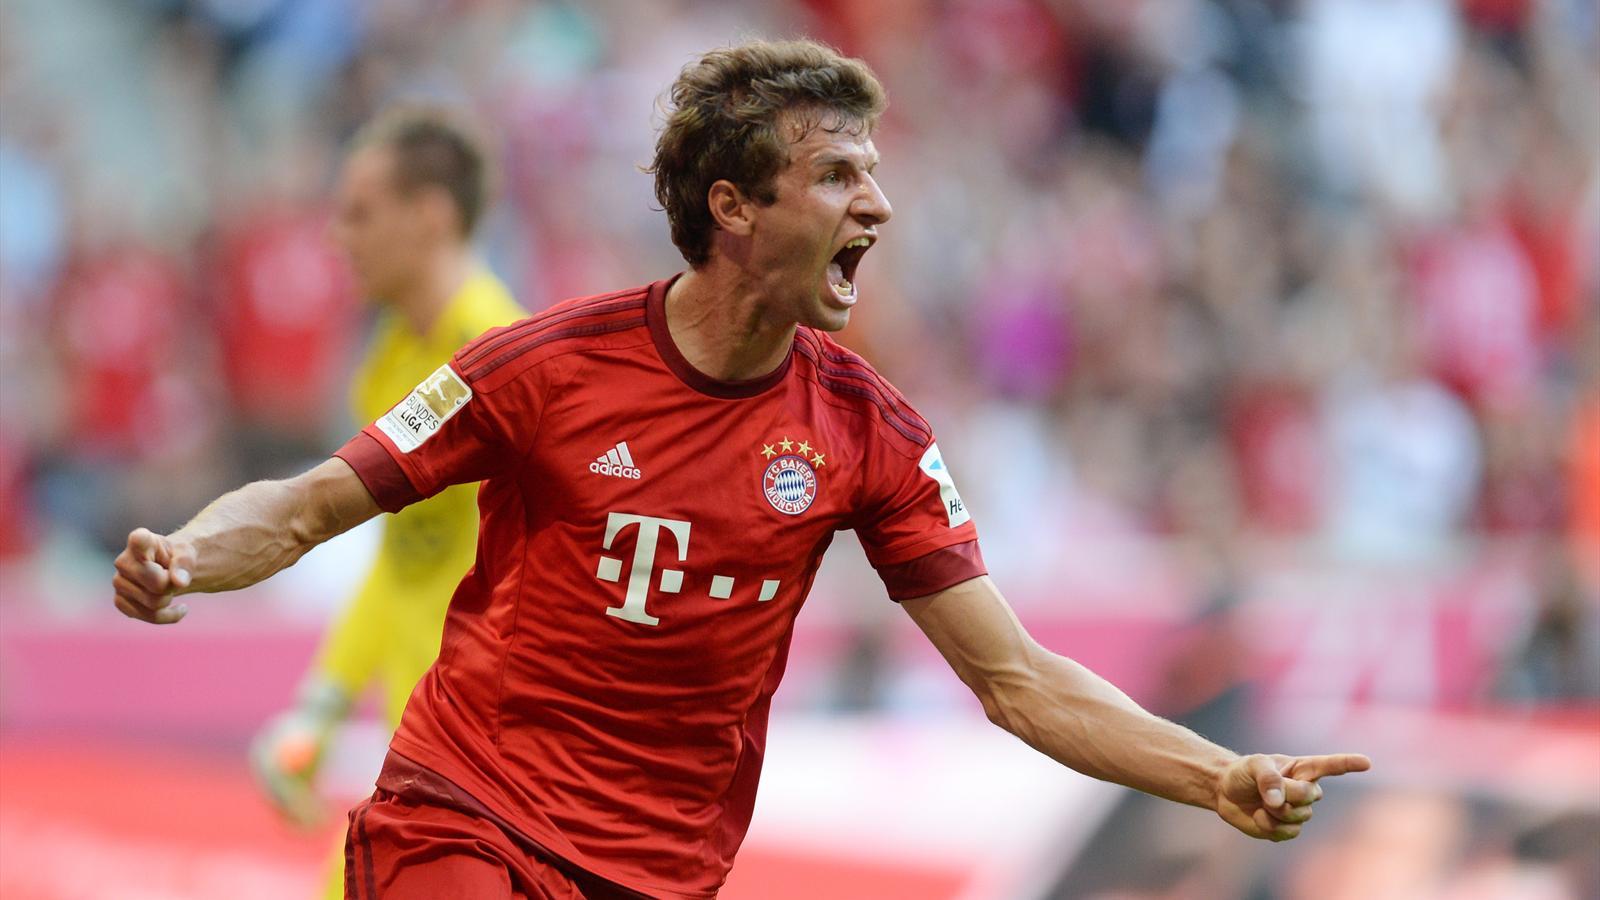 Thomas Müller of Bayern Munich celebrates